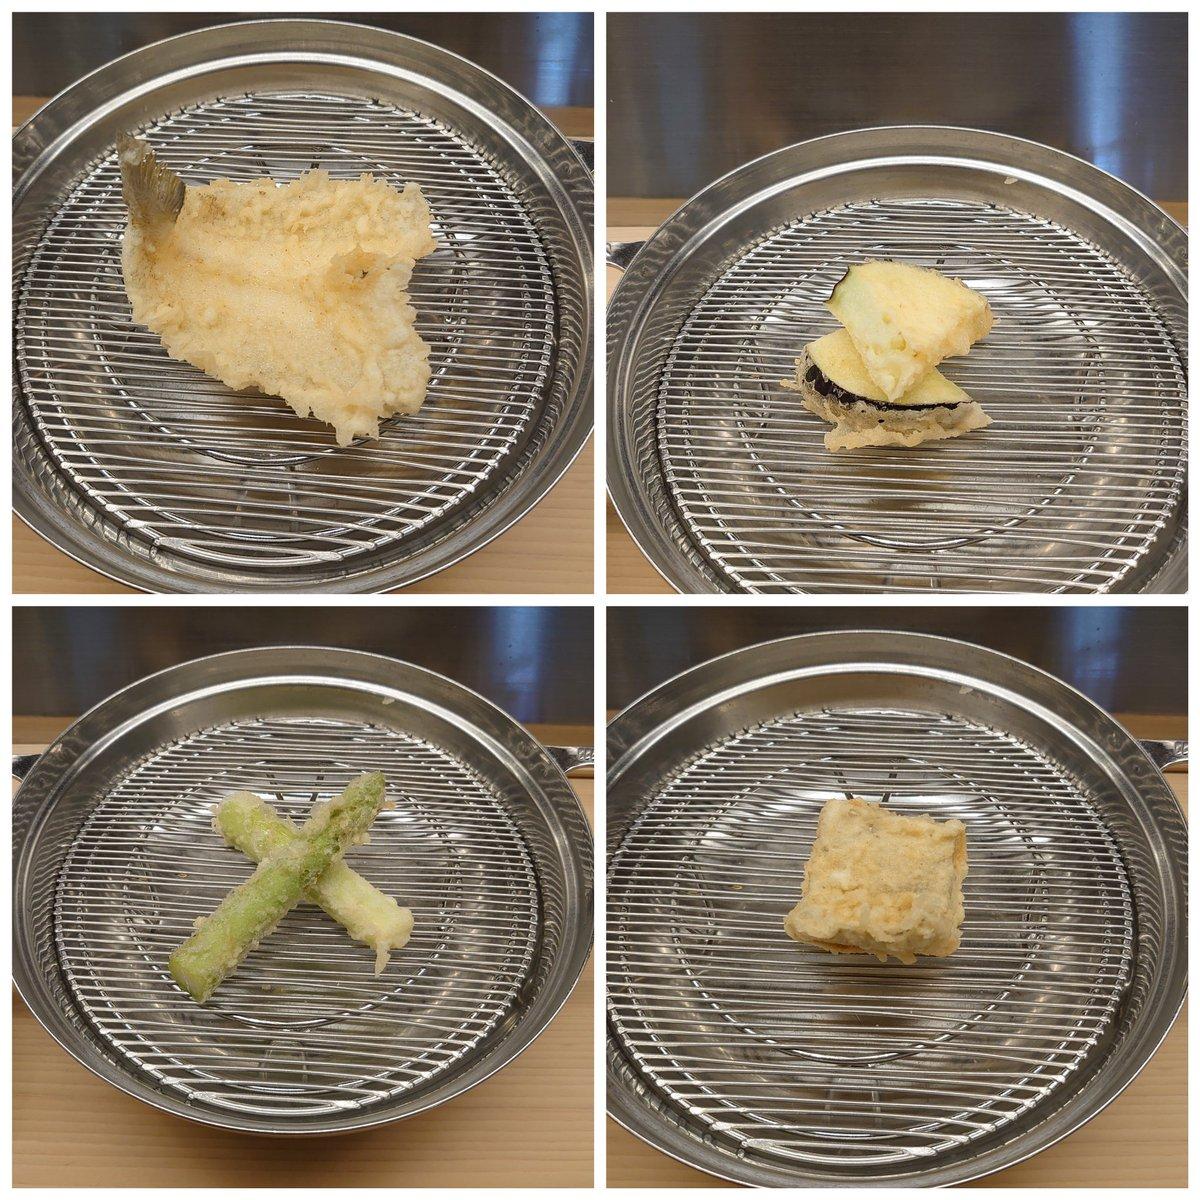 test ツイッターメディア - ある程度年を経ると、美味しいものがわかると同時に、量が食べれなくなってくる…今日学んだことでした(^_^;) 天ぷらには日本酒の立山がピッタリでした。食中酒として食材の味を引き立ててくれます✨ うう、夕飯食べれないかも😭 https://t.co/apbcnbLgby